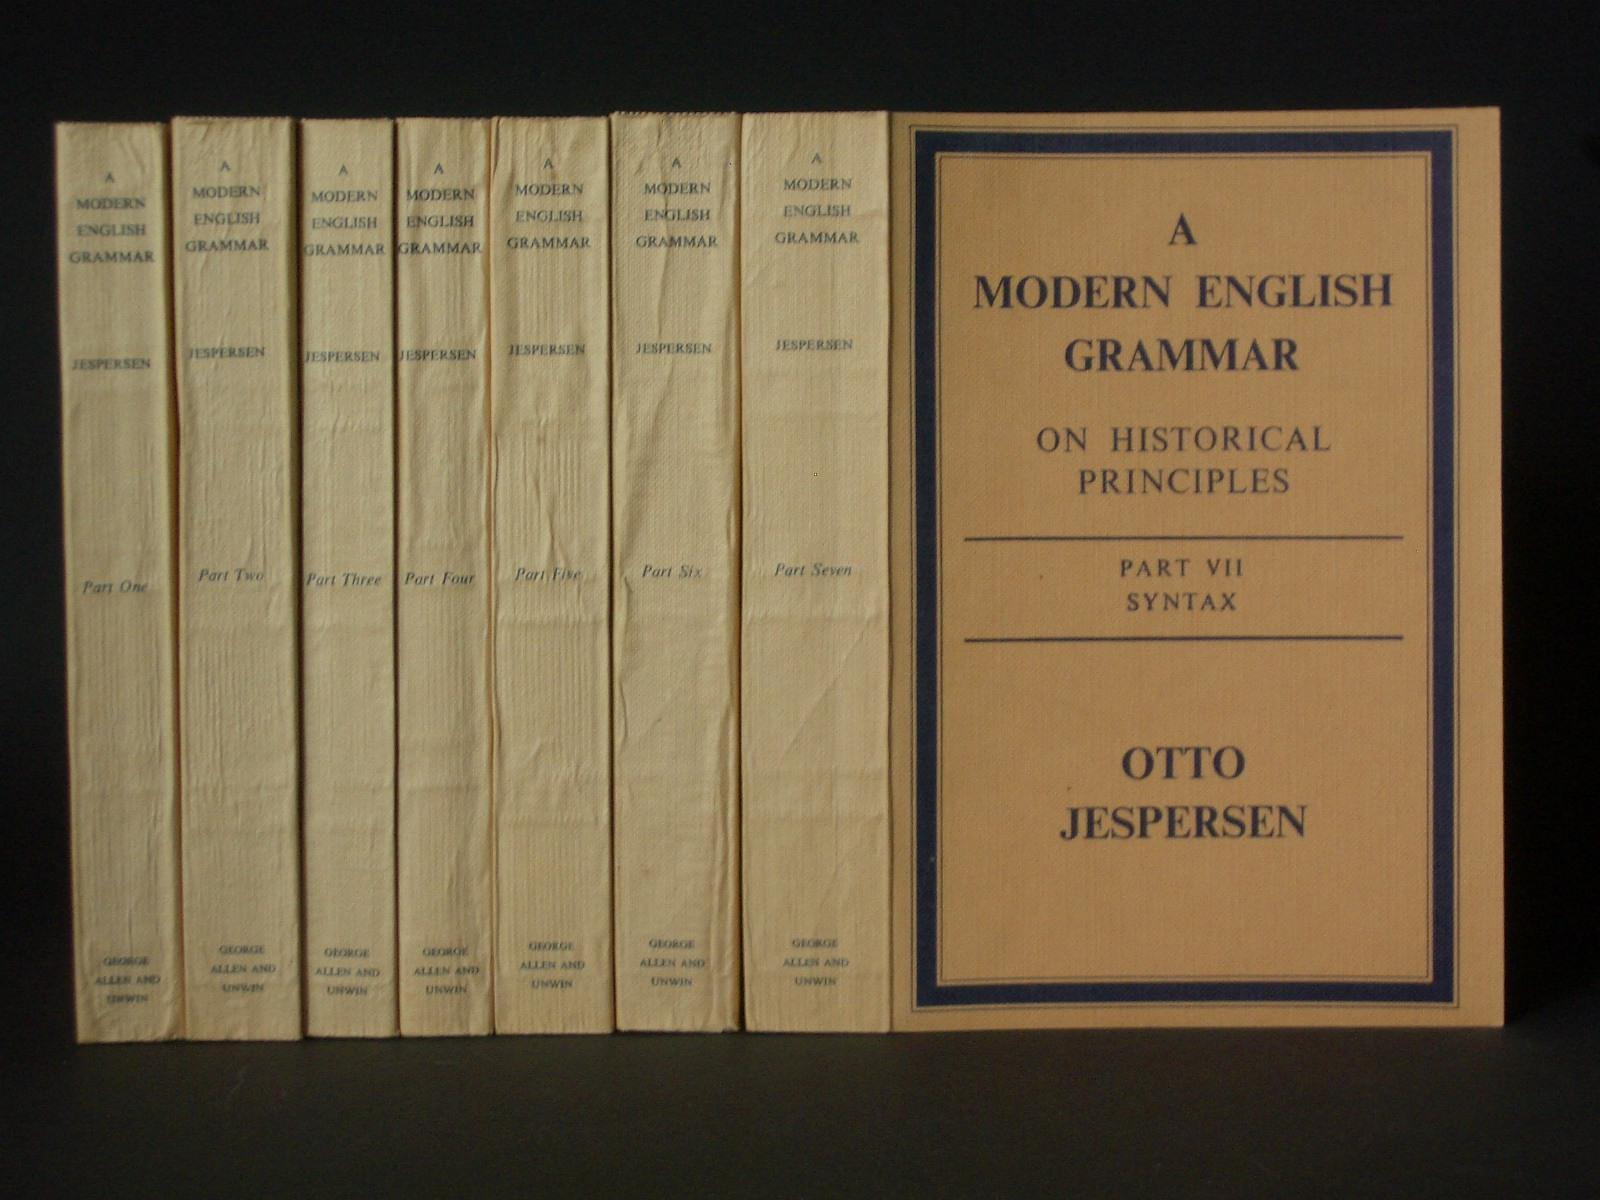 JESPERSEN MODERN ENGLISH GRAMMAR EBOOK